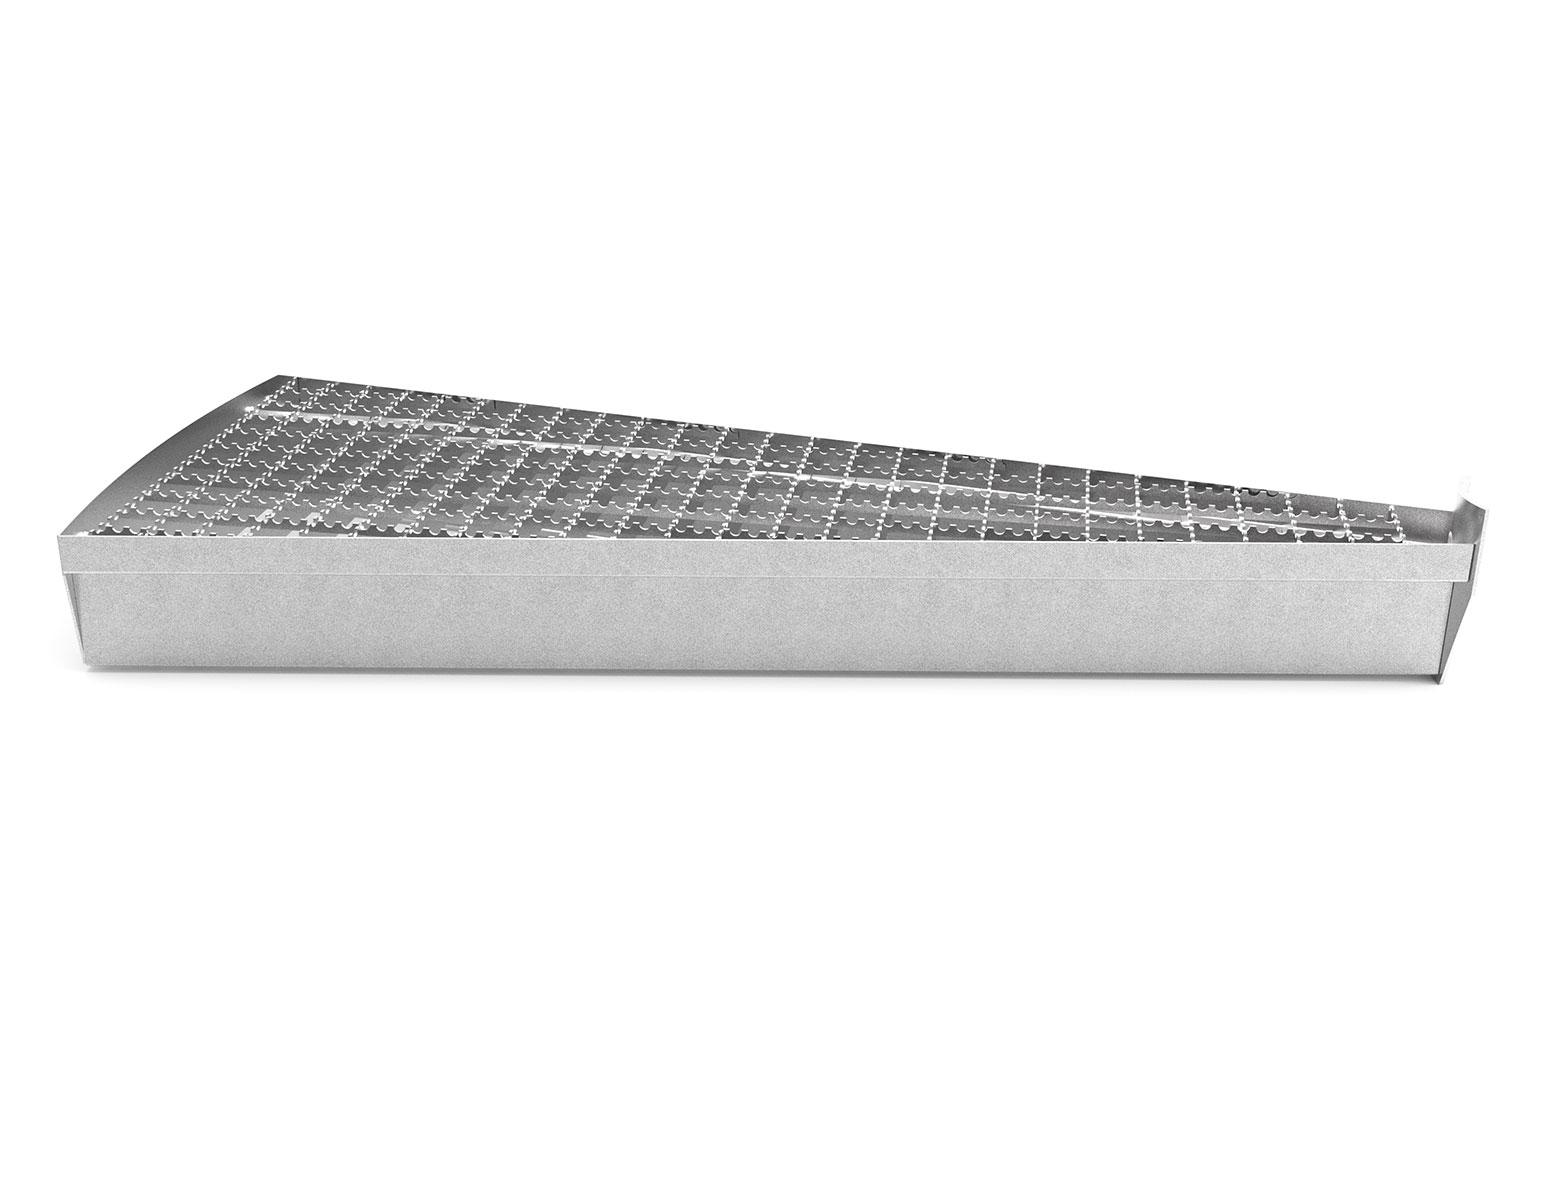 Pressdurk 33x33 dubbel serraterad